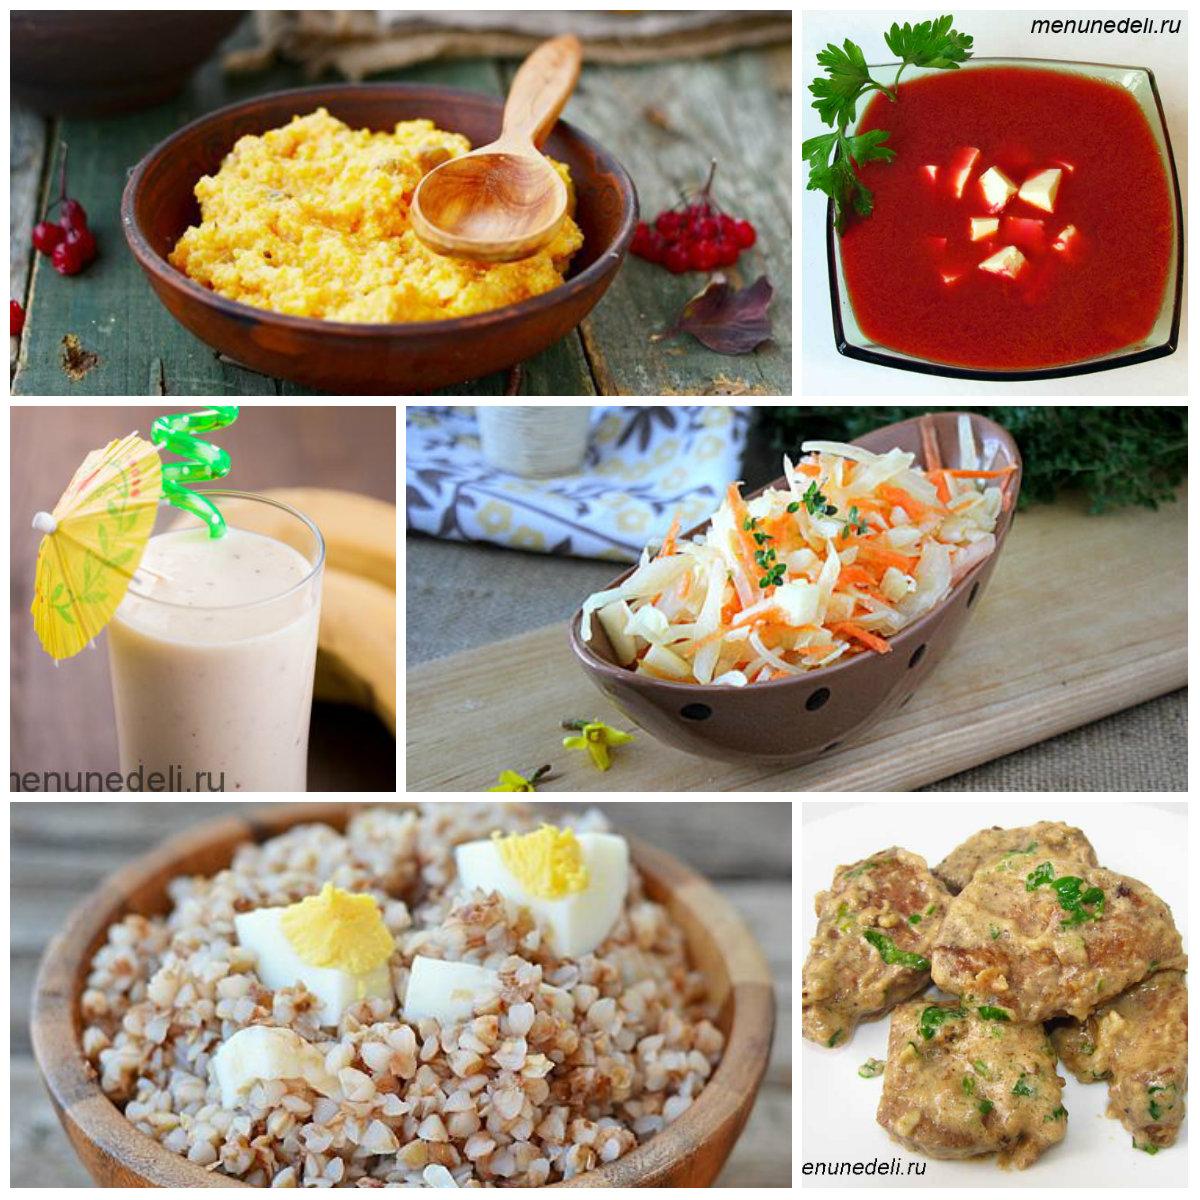 рецепты с бжу правильное питание